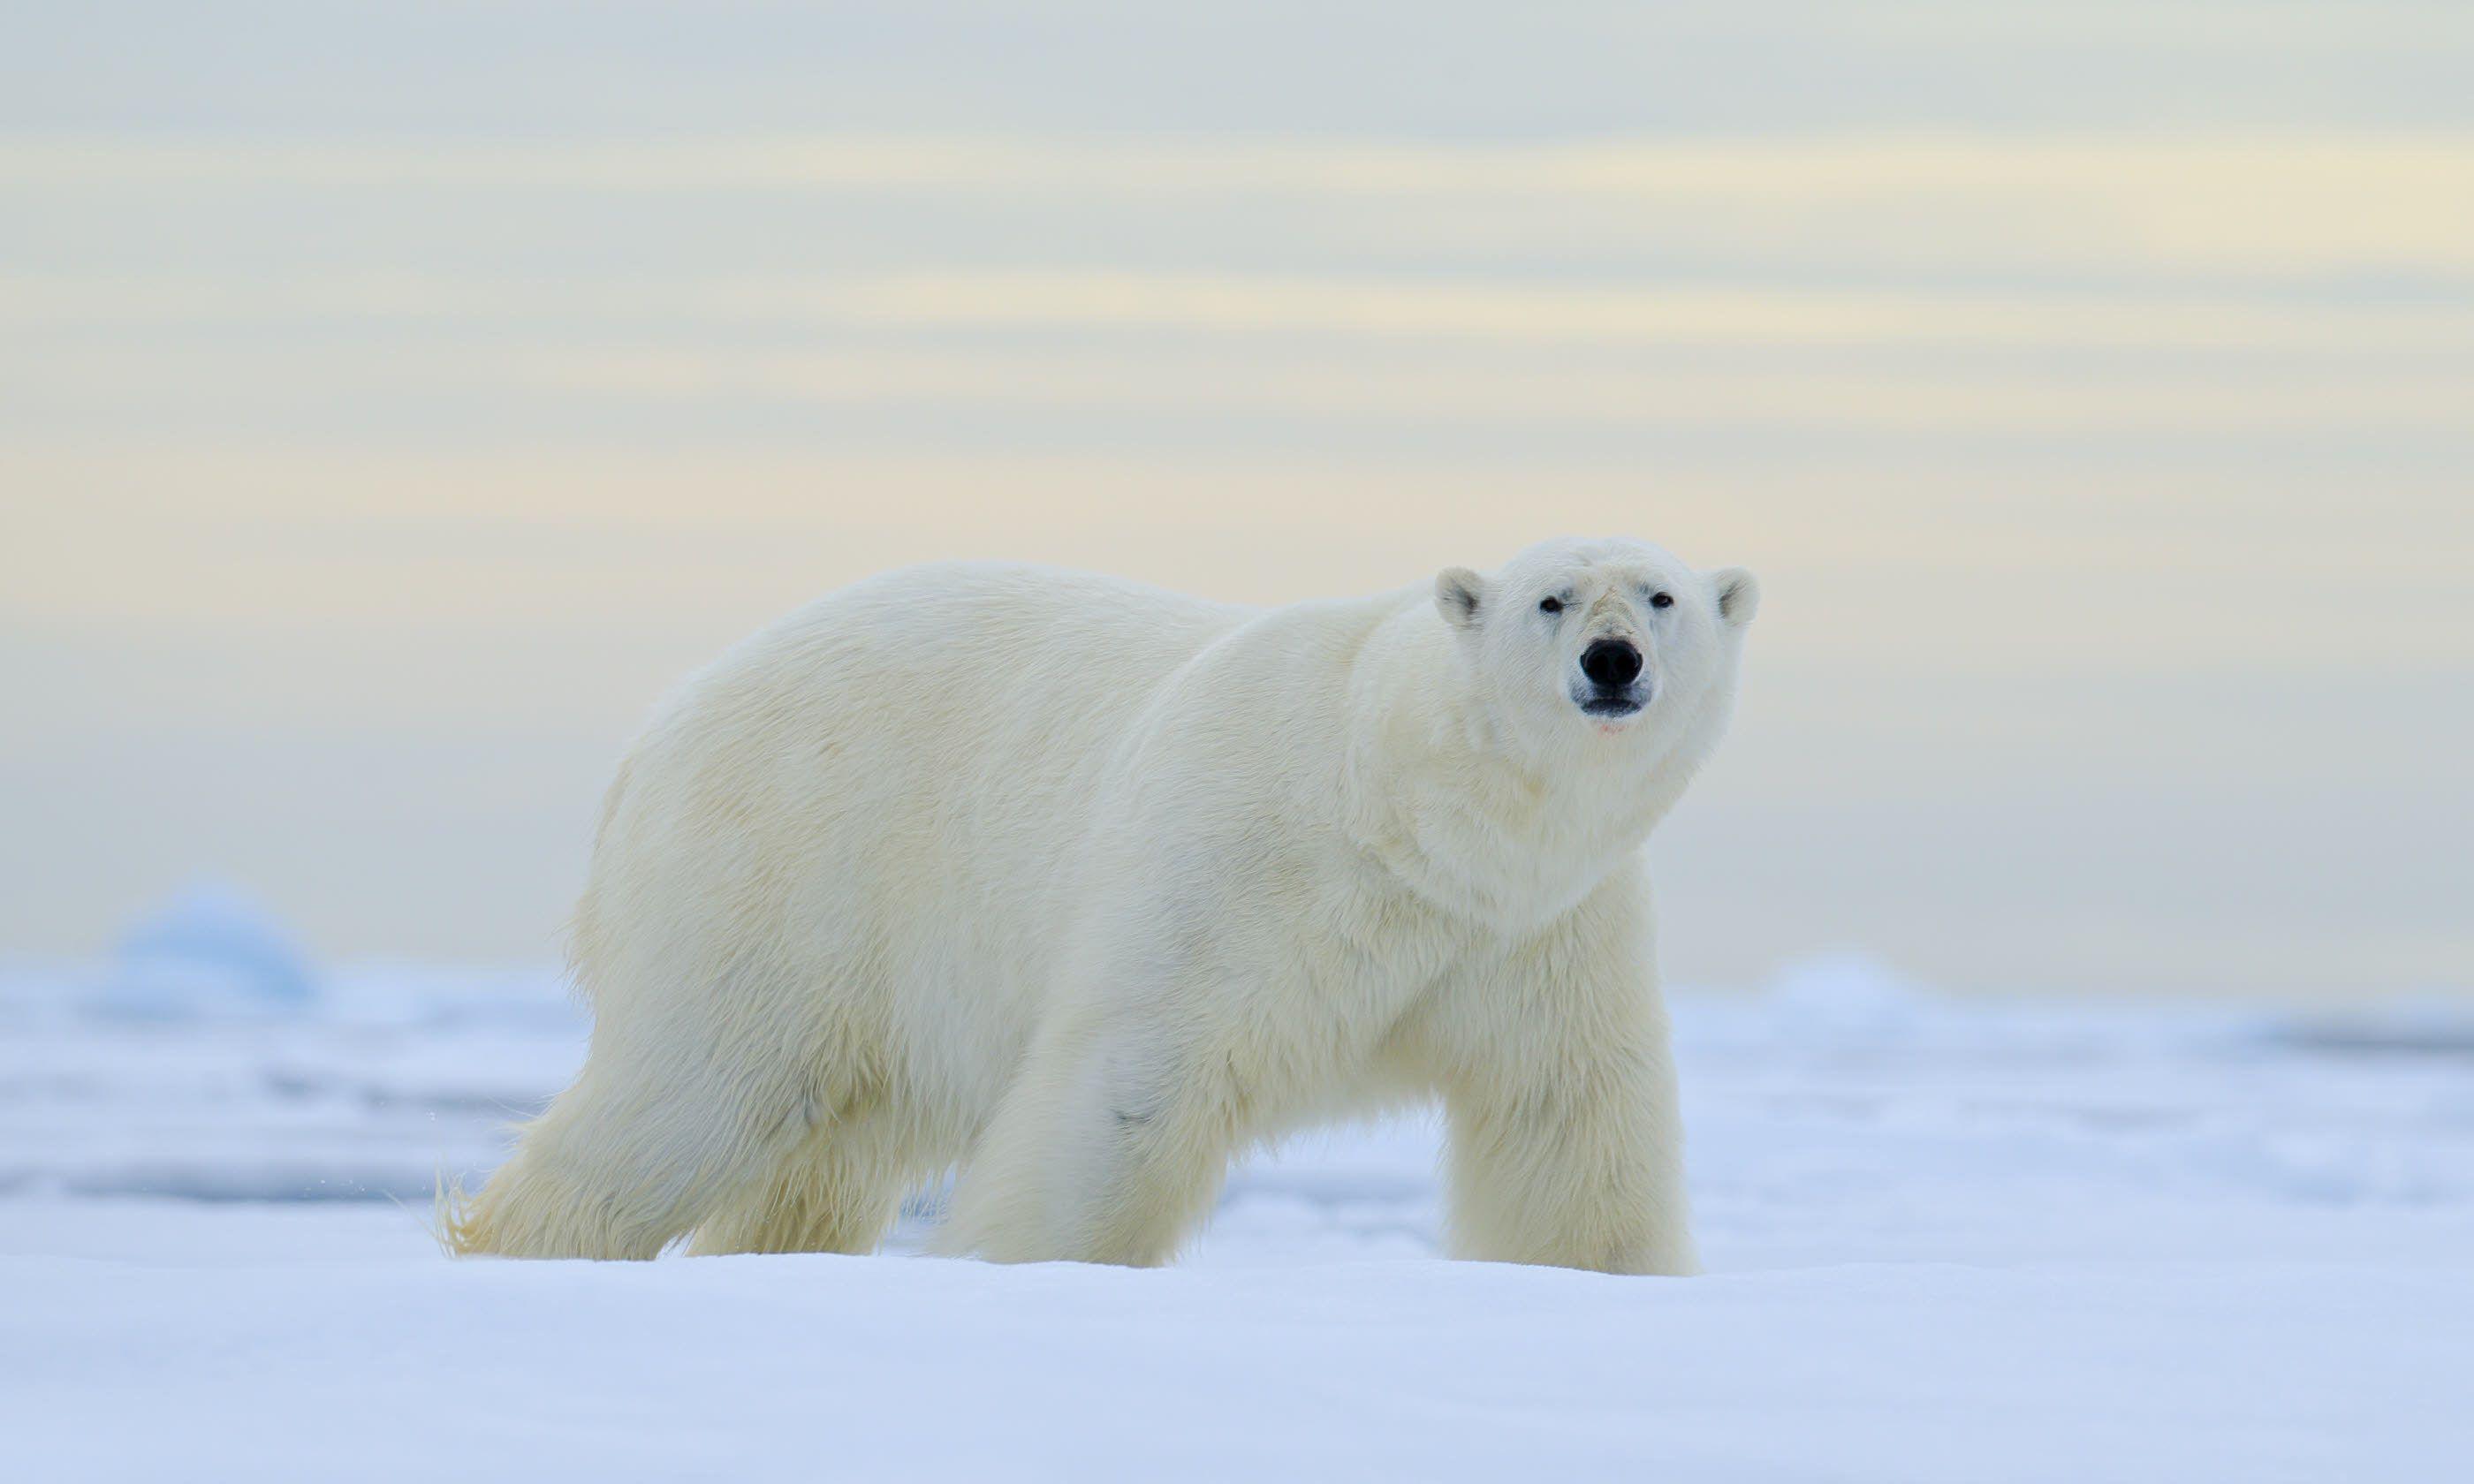 Polar bear in Norway (Shutterstock)